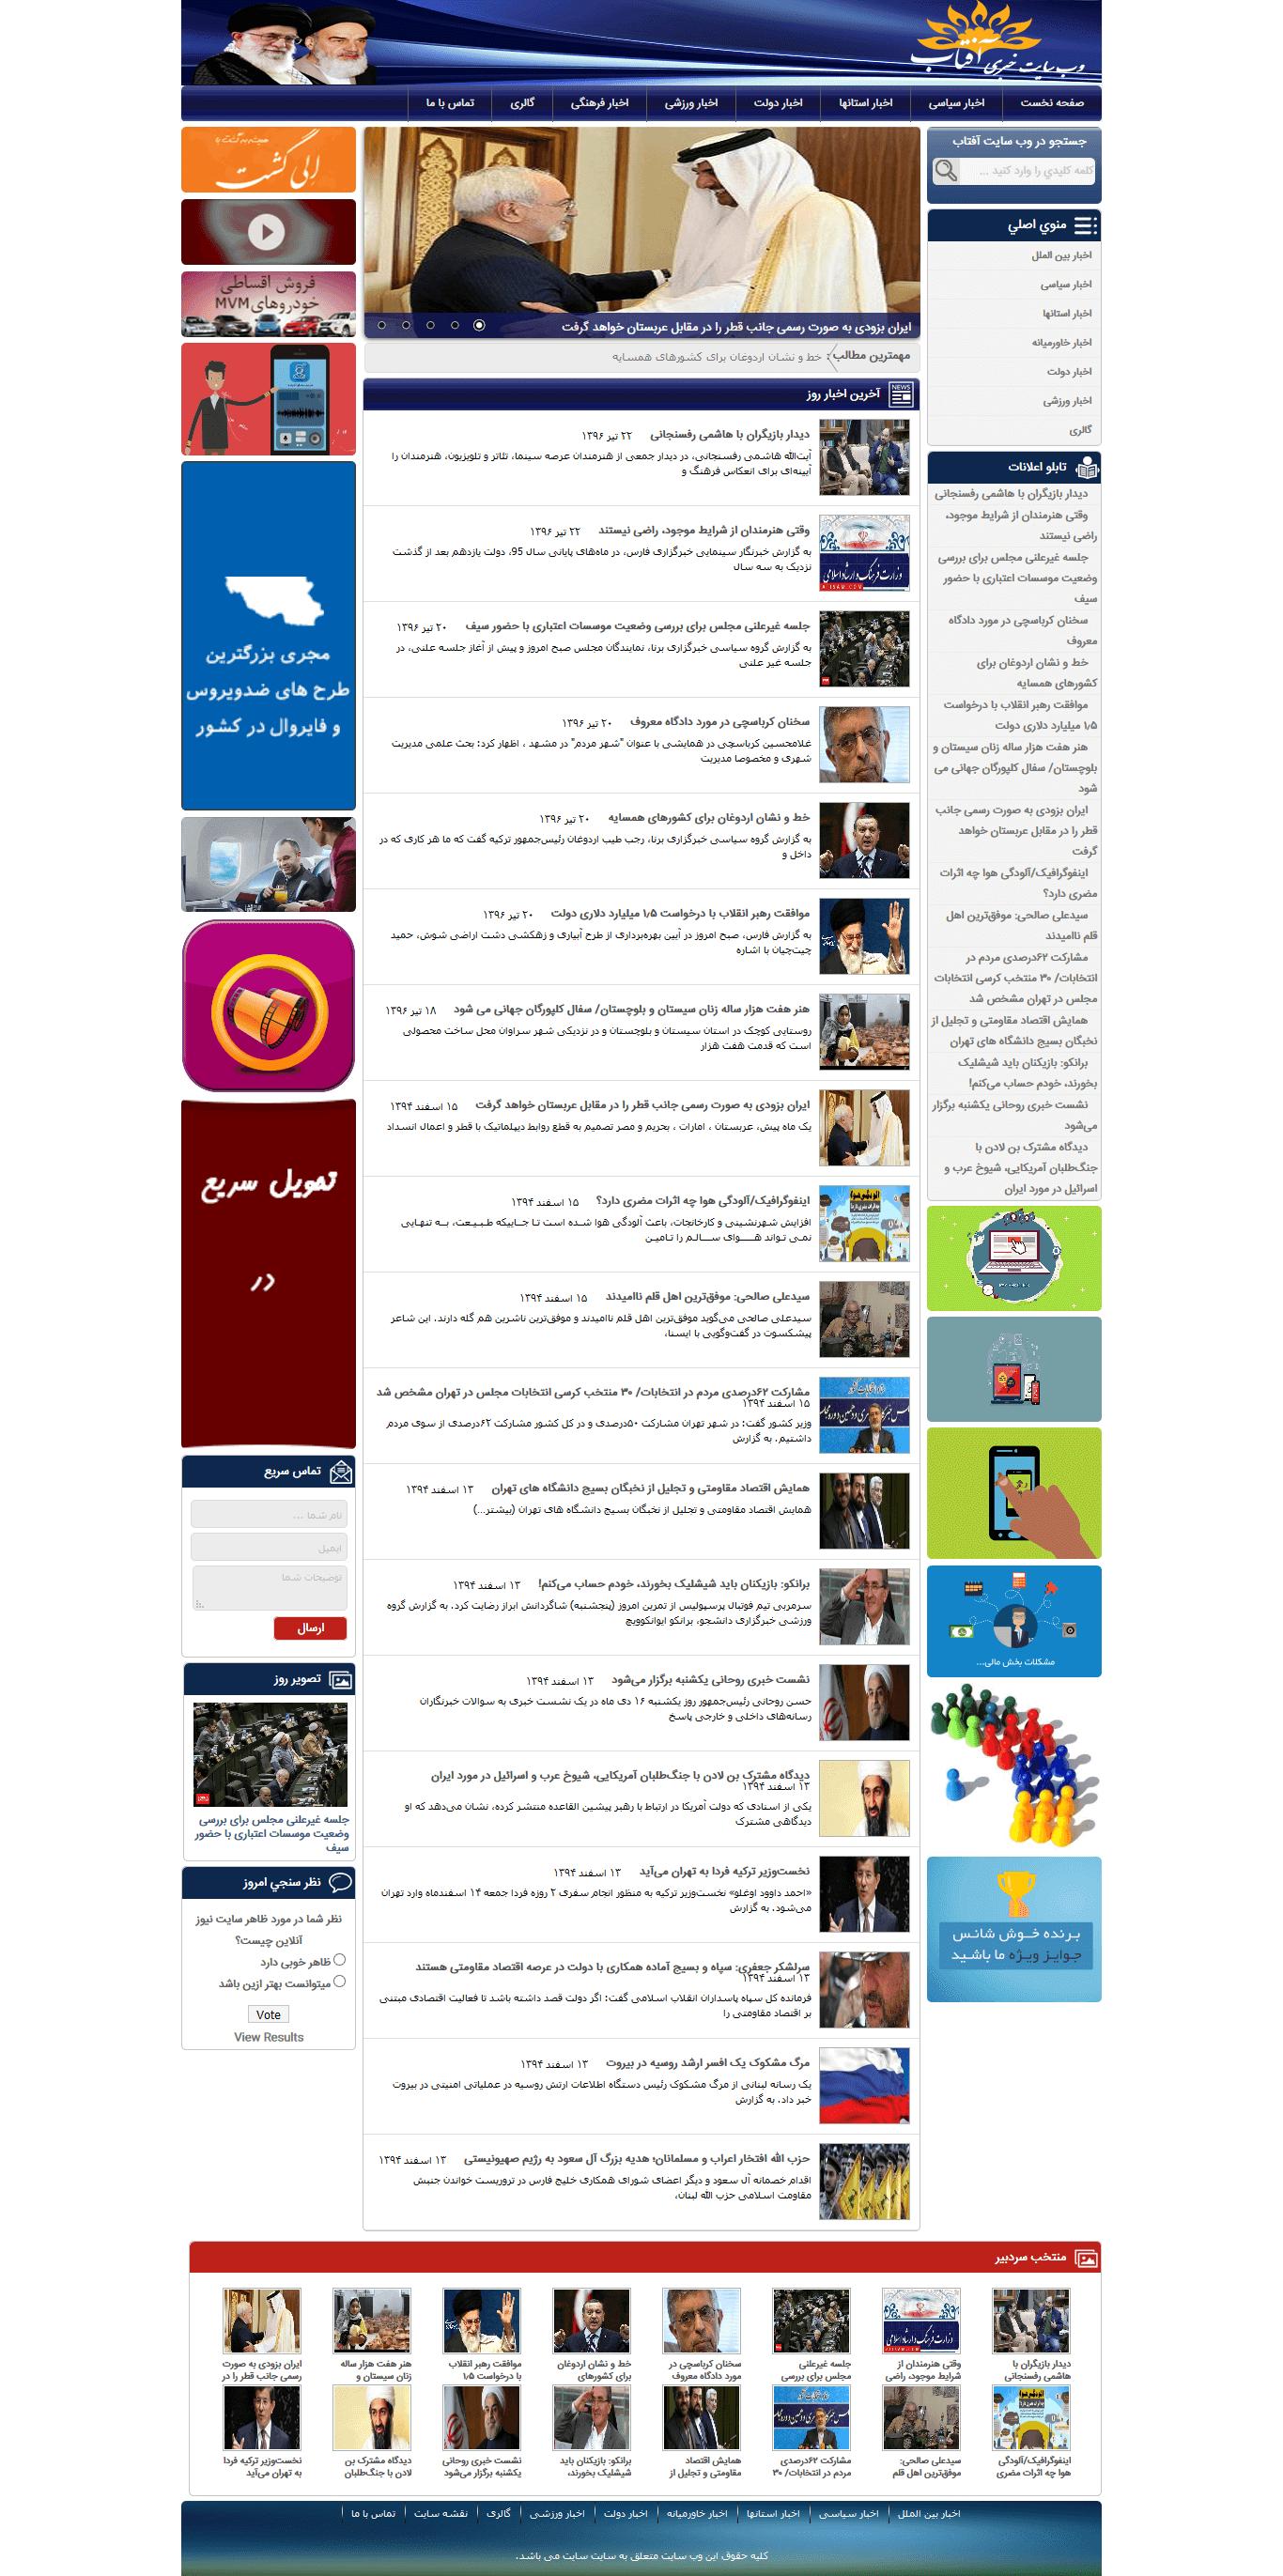 وب سایت خبری آفتاب